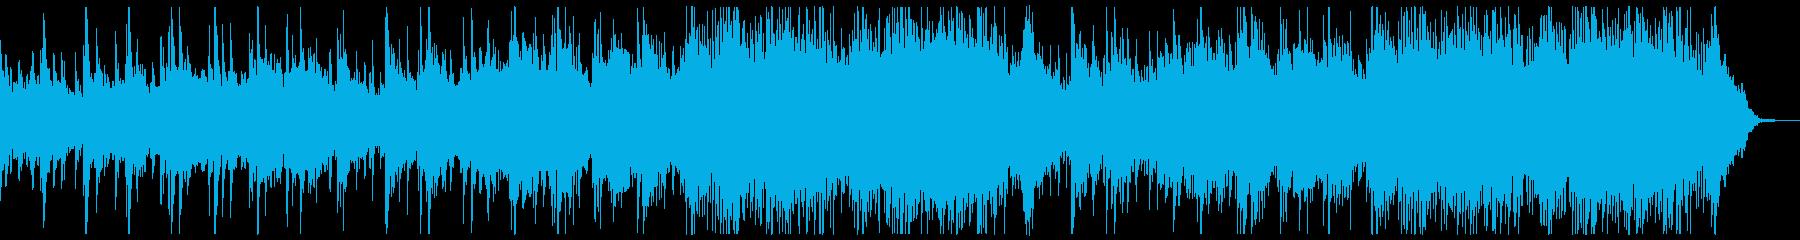 静かな切なさの感動的なシネマティクシンフの再生済みの波形